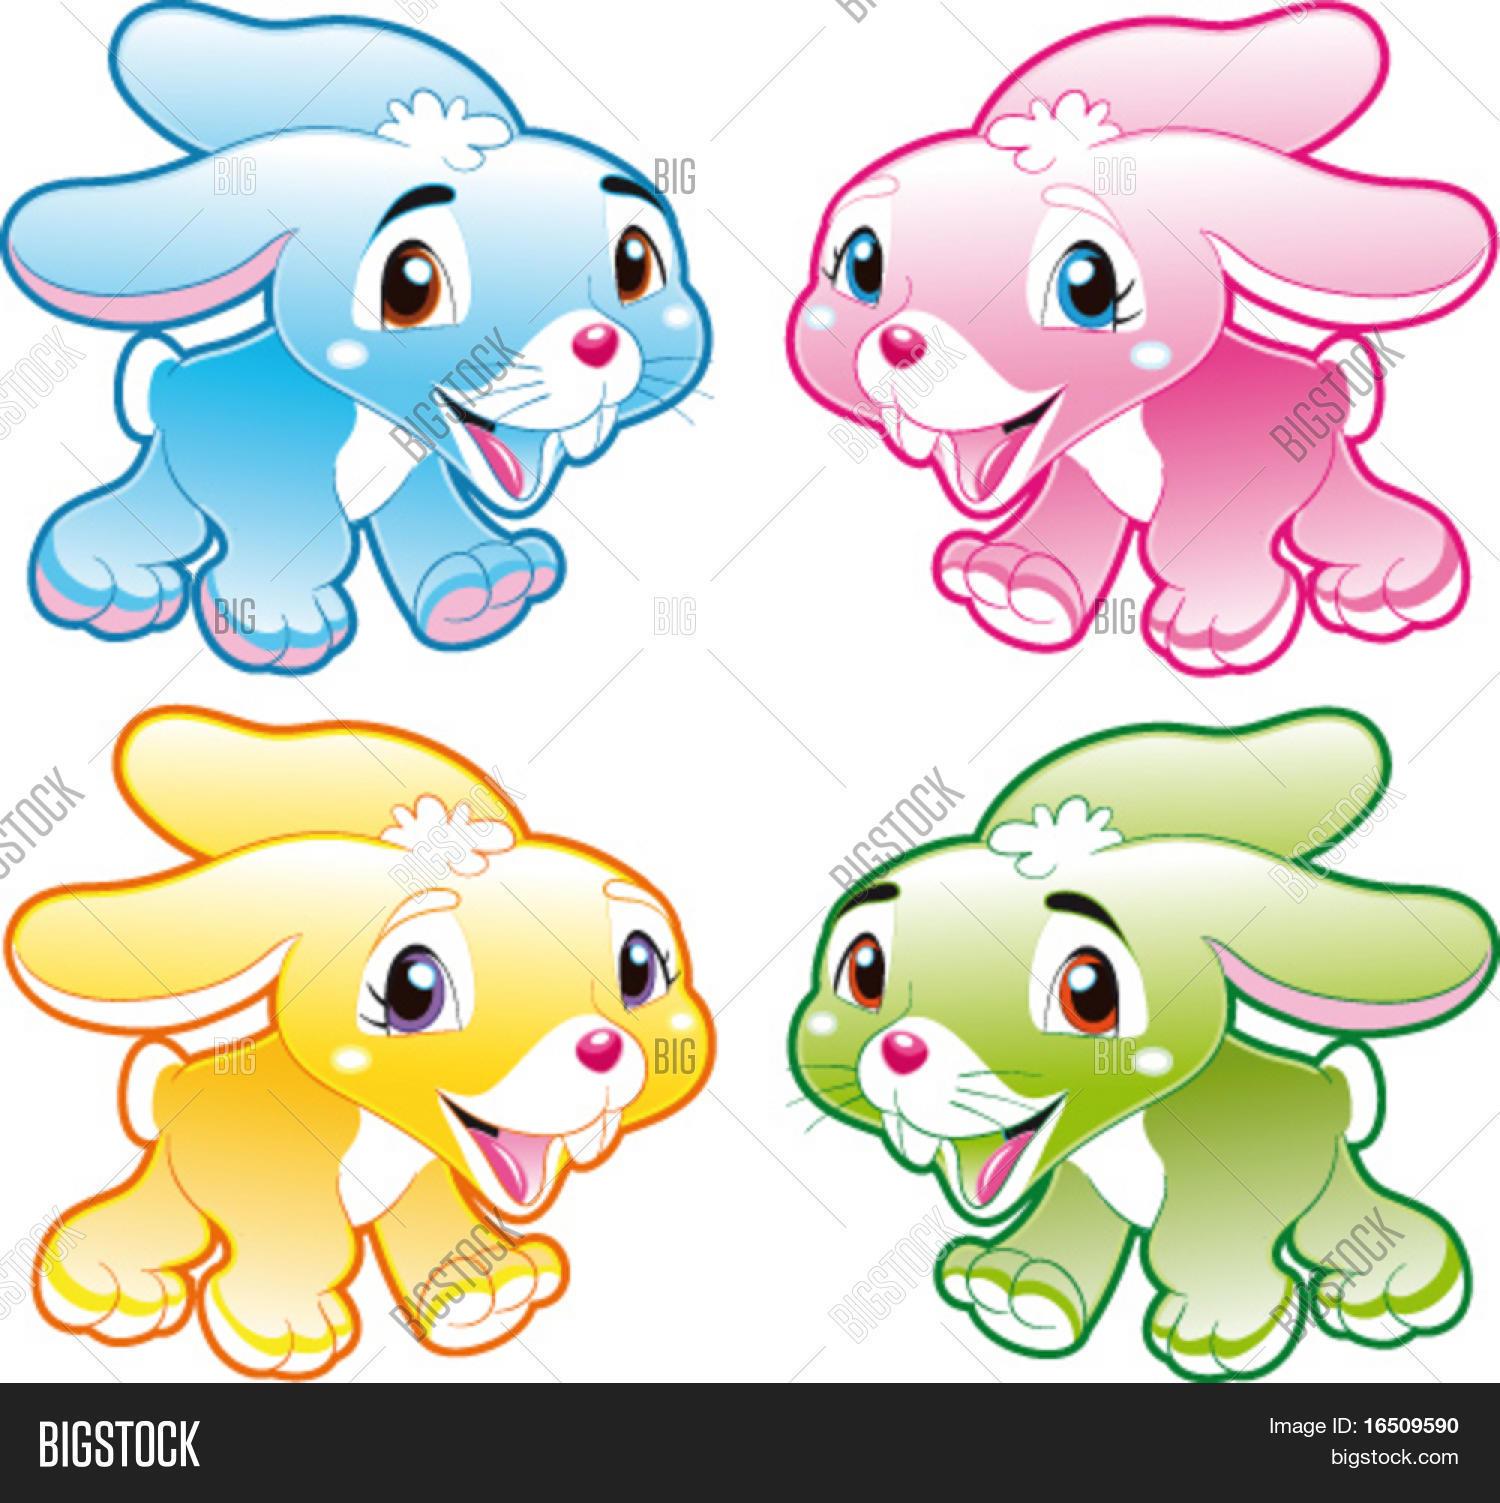 Conejos bebes animados images - Dibujos para sabanitas de bebe ...